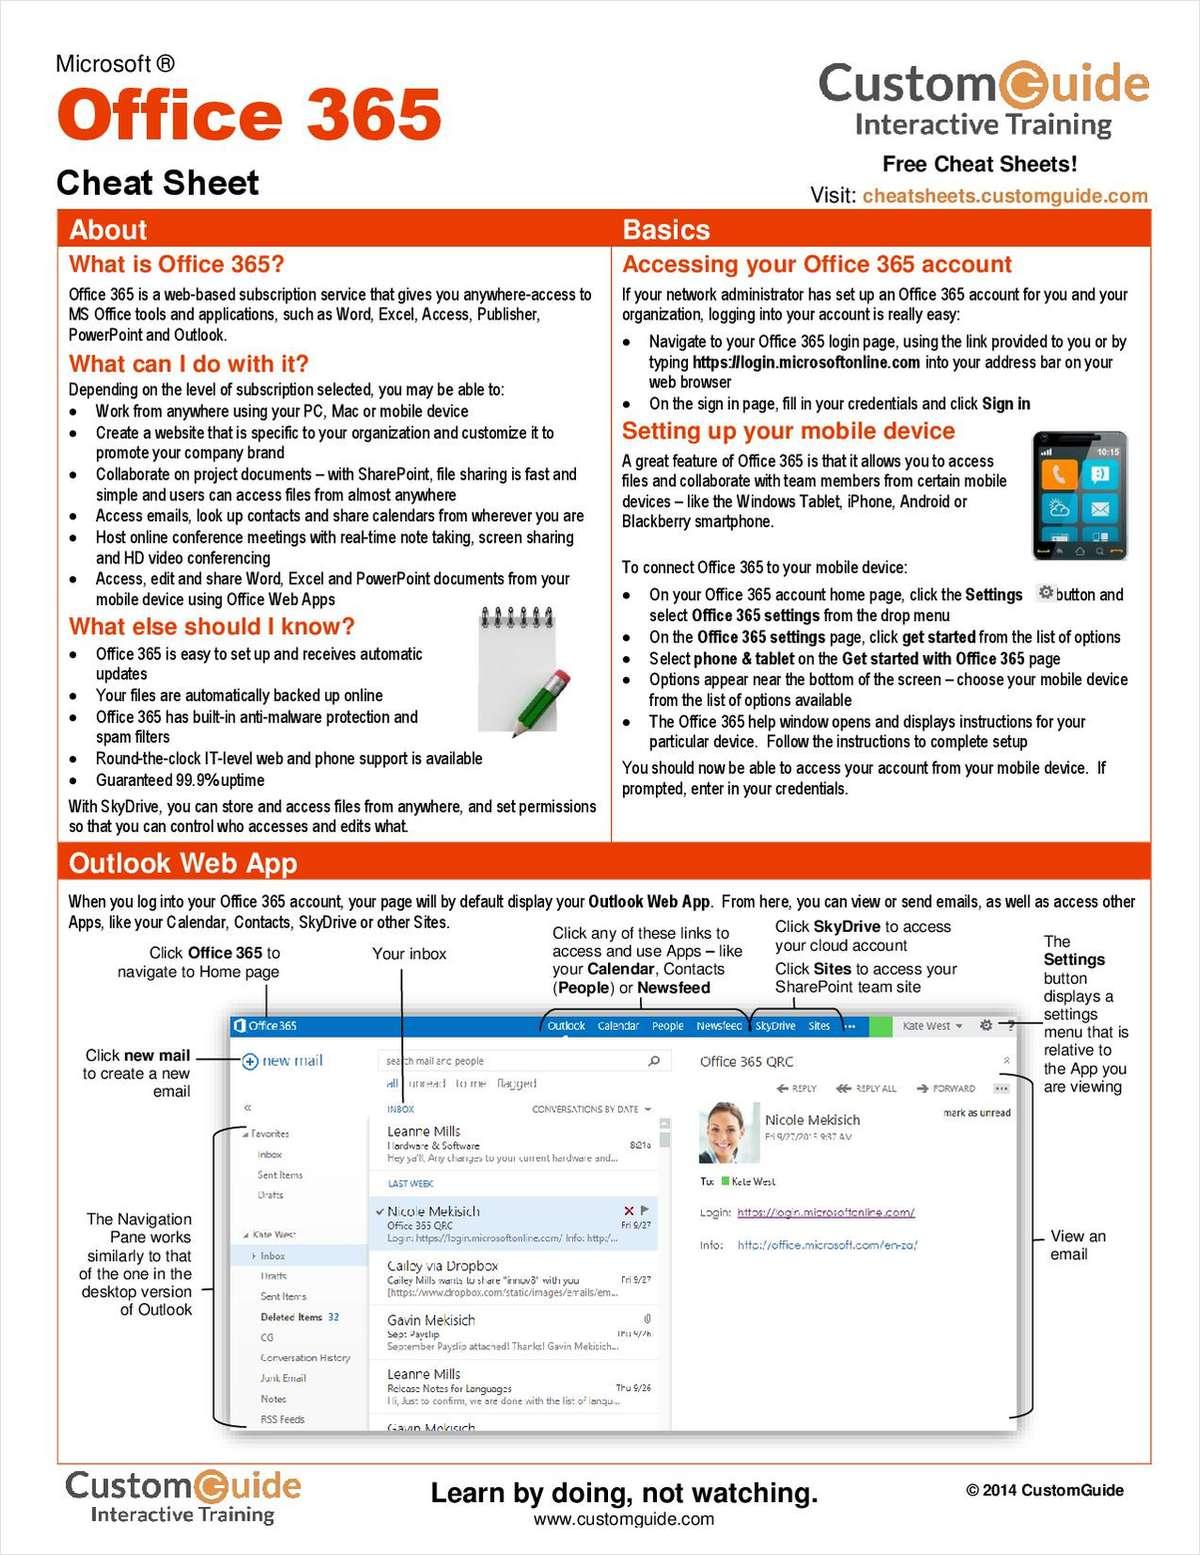 Microsoft Office 365 Free Cheat Sheet Free Cheat Sheet